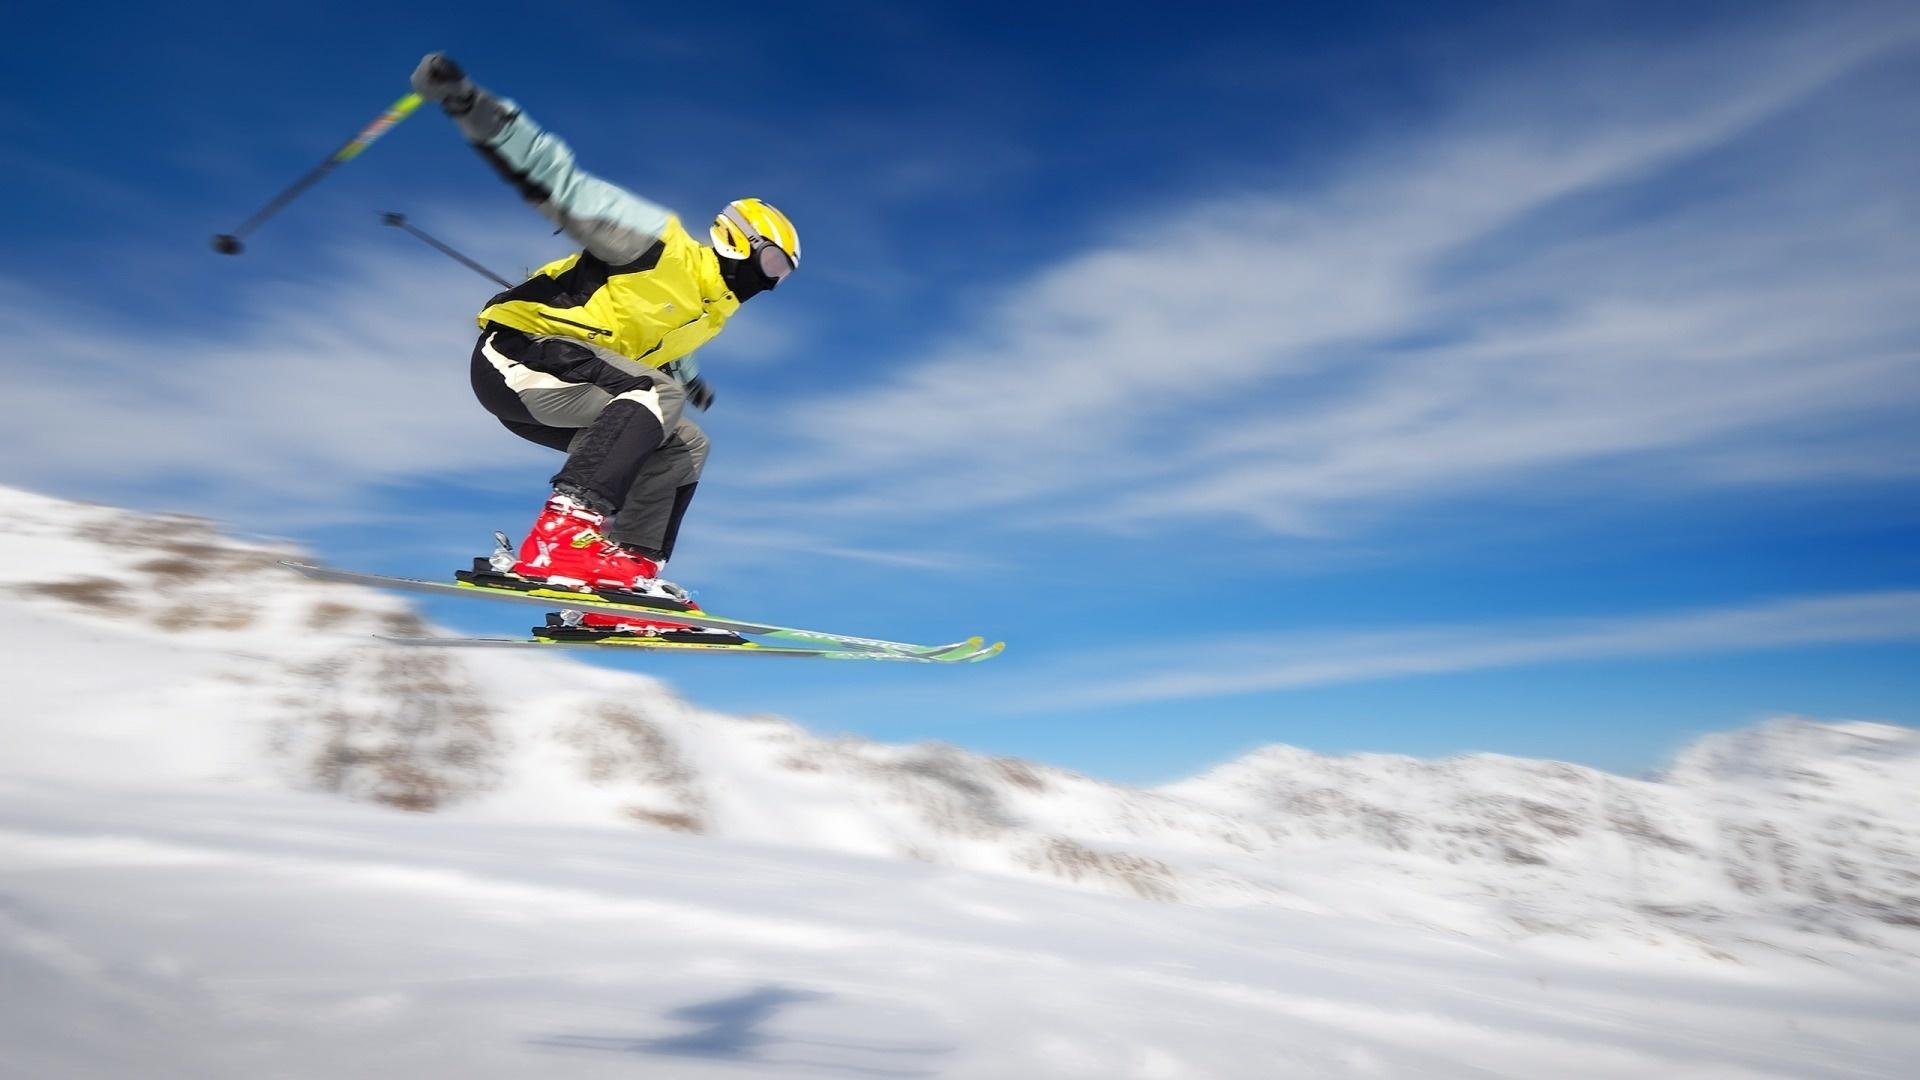 обои на тему лыжи открытый, может быть